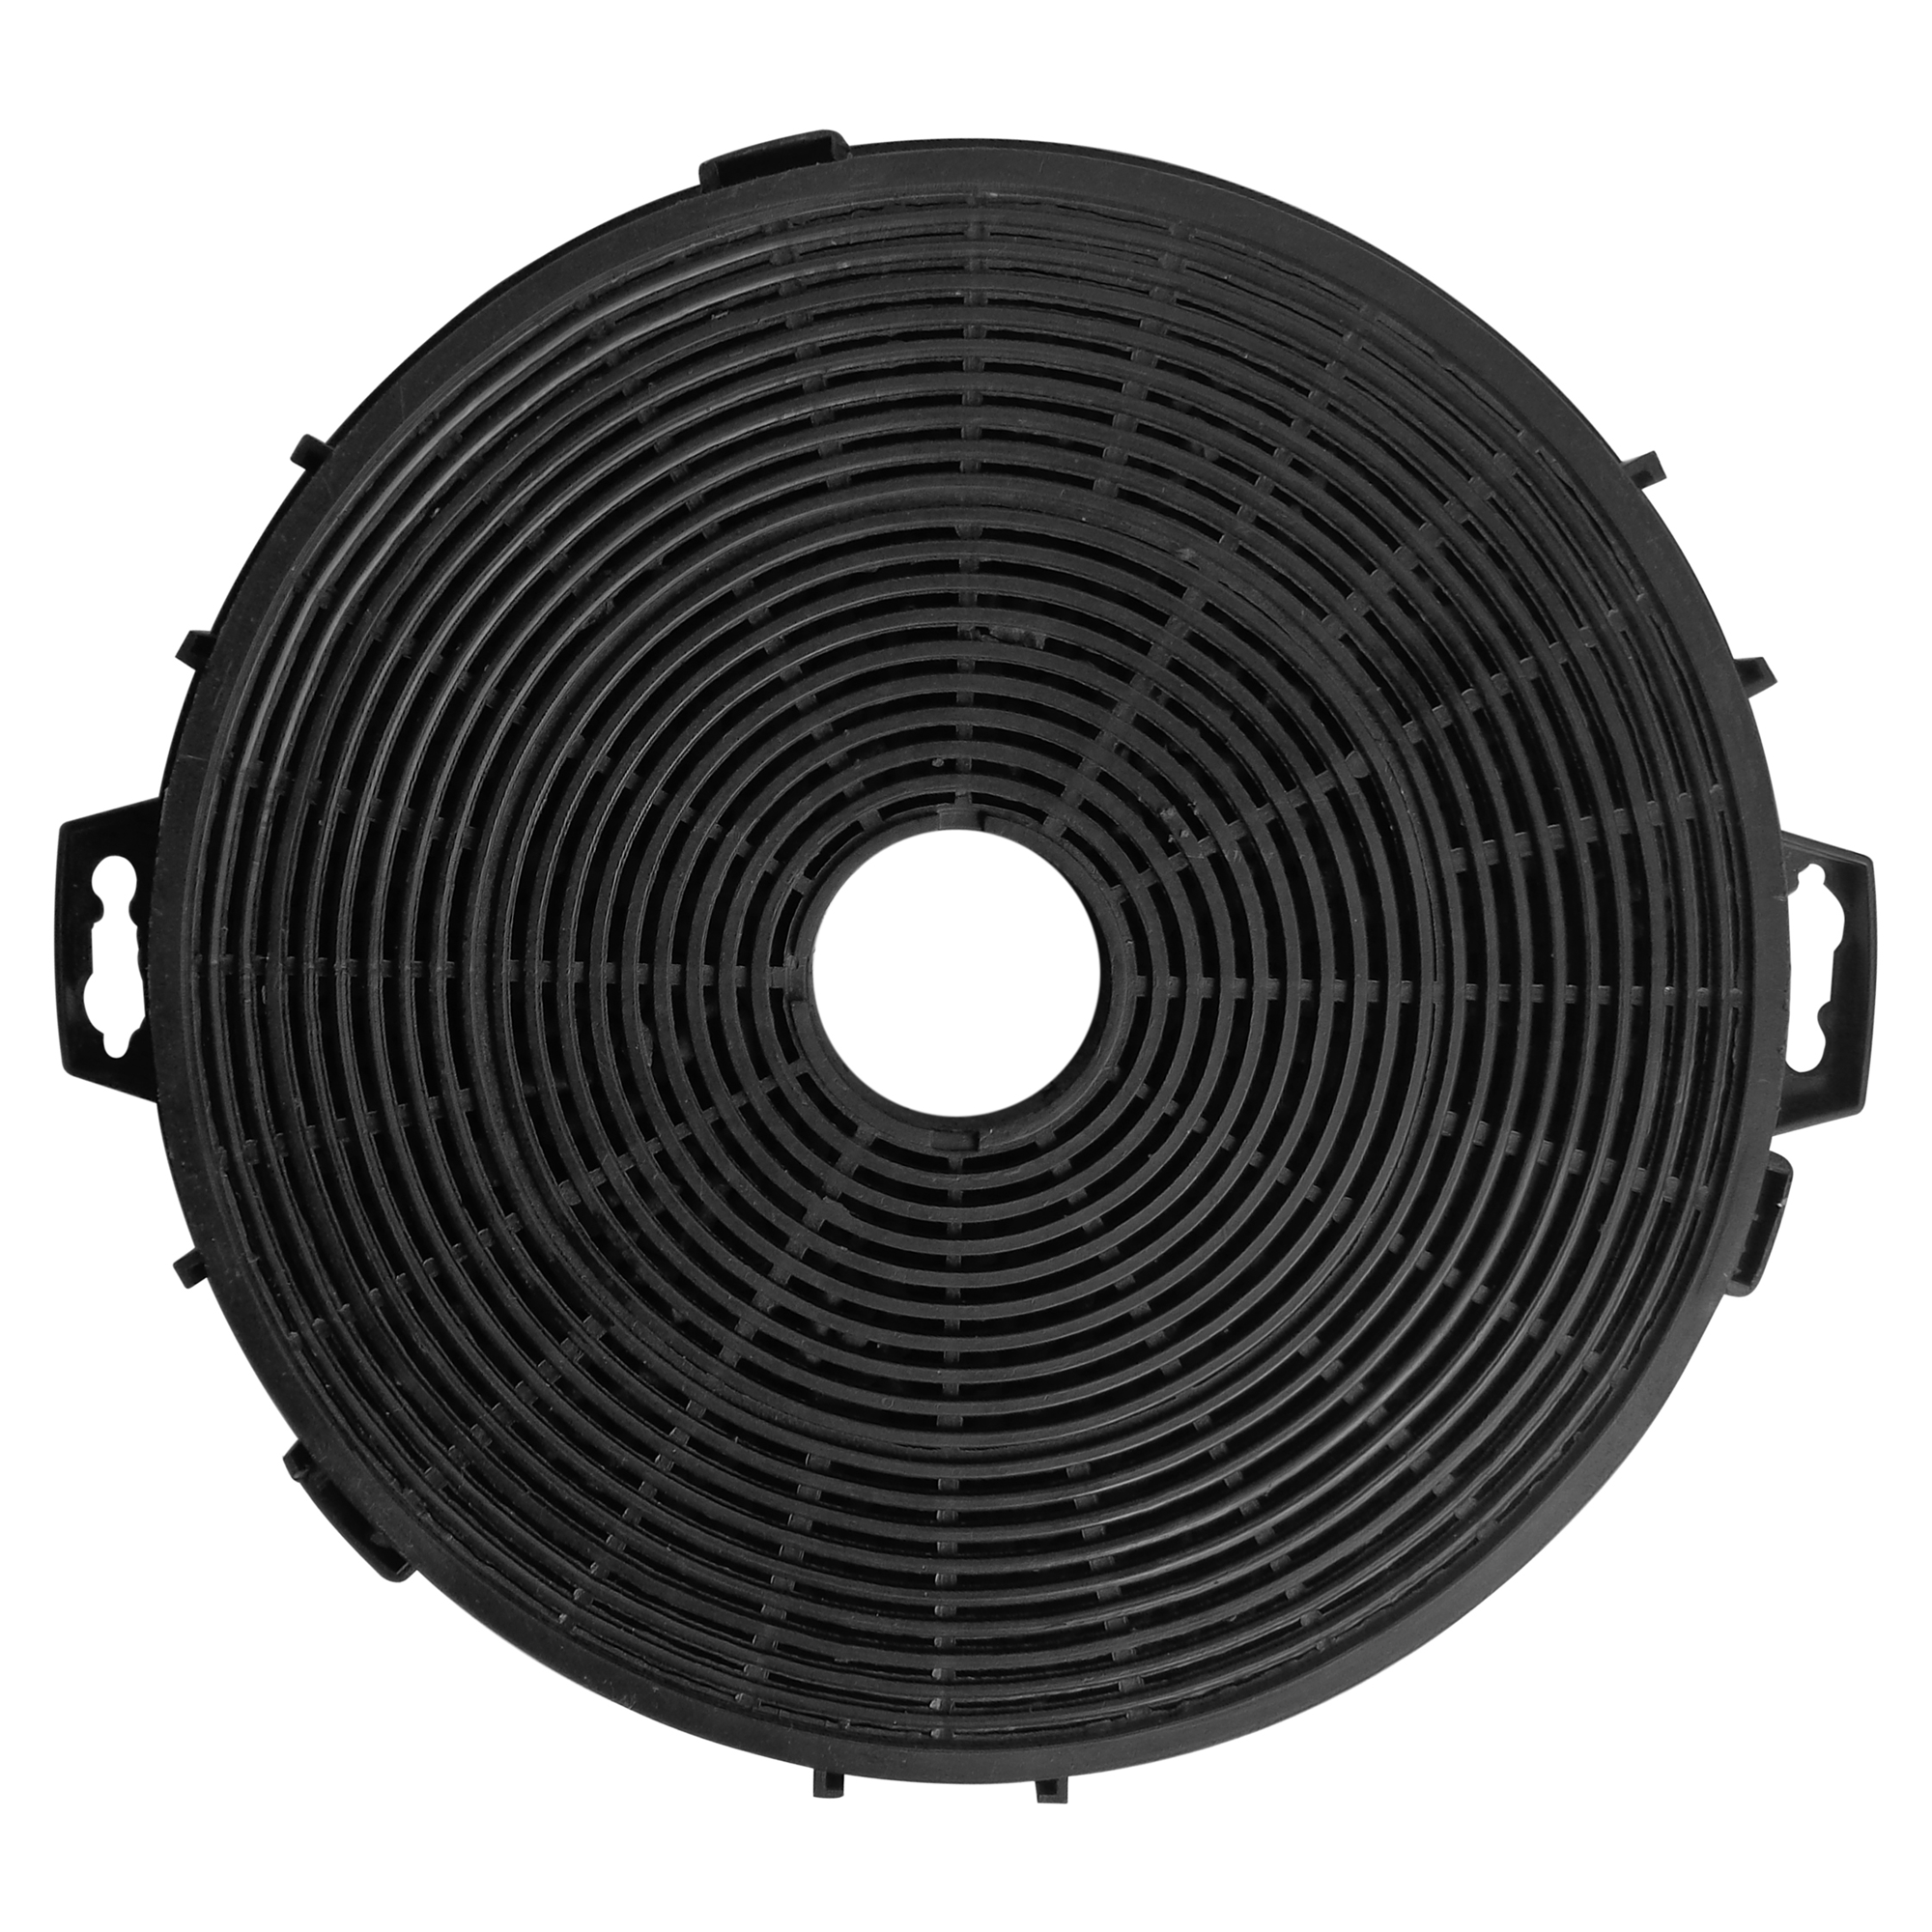 Universal-Kohlefilter MI 160 N Ø 21 cm